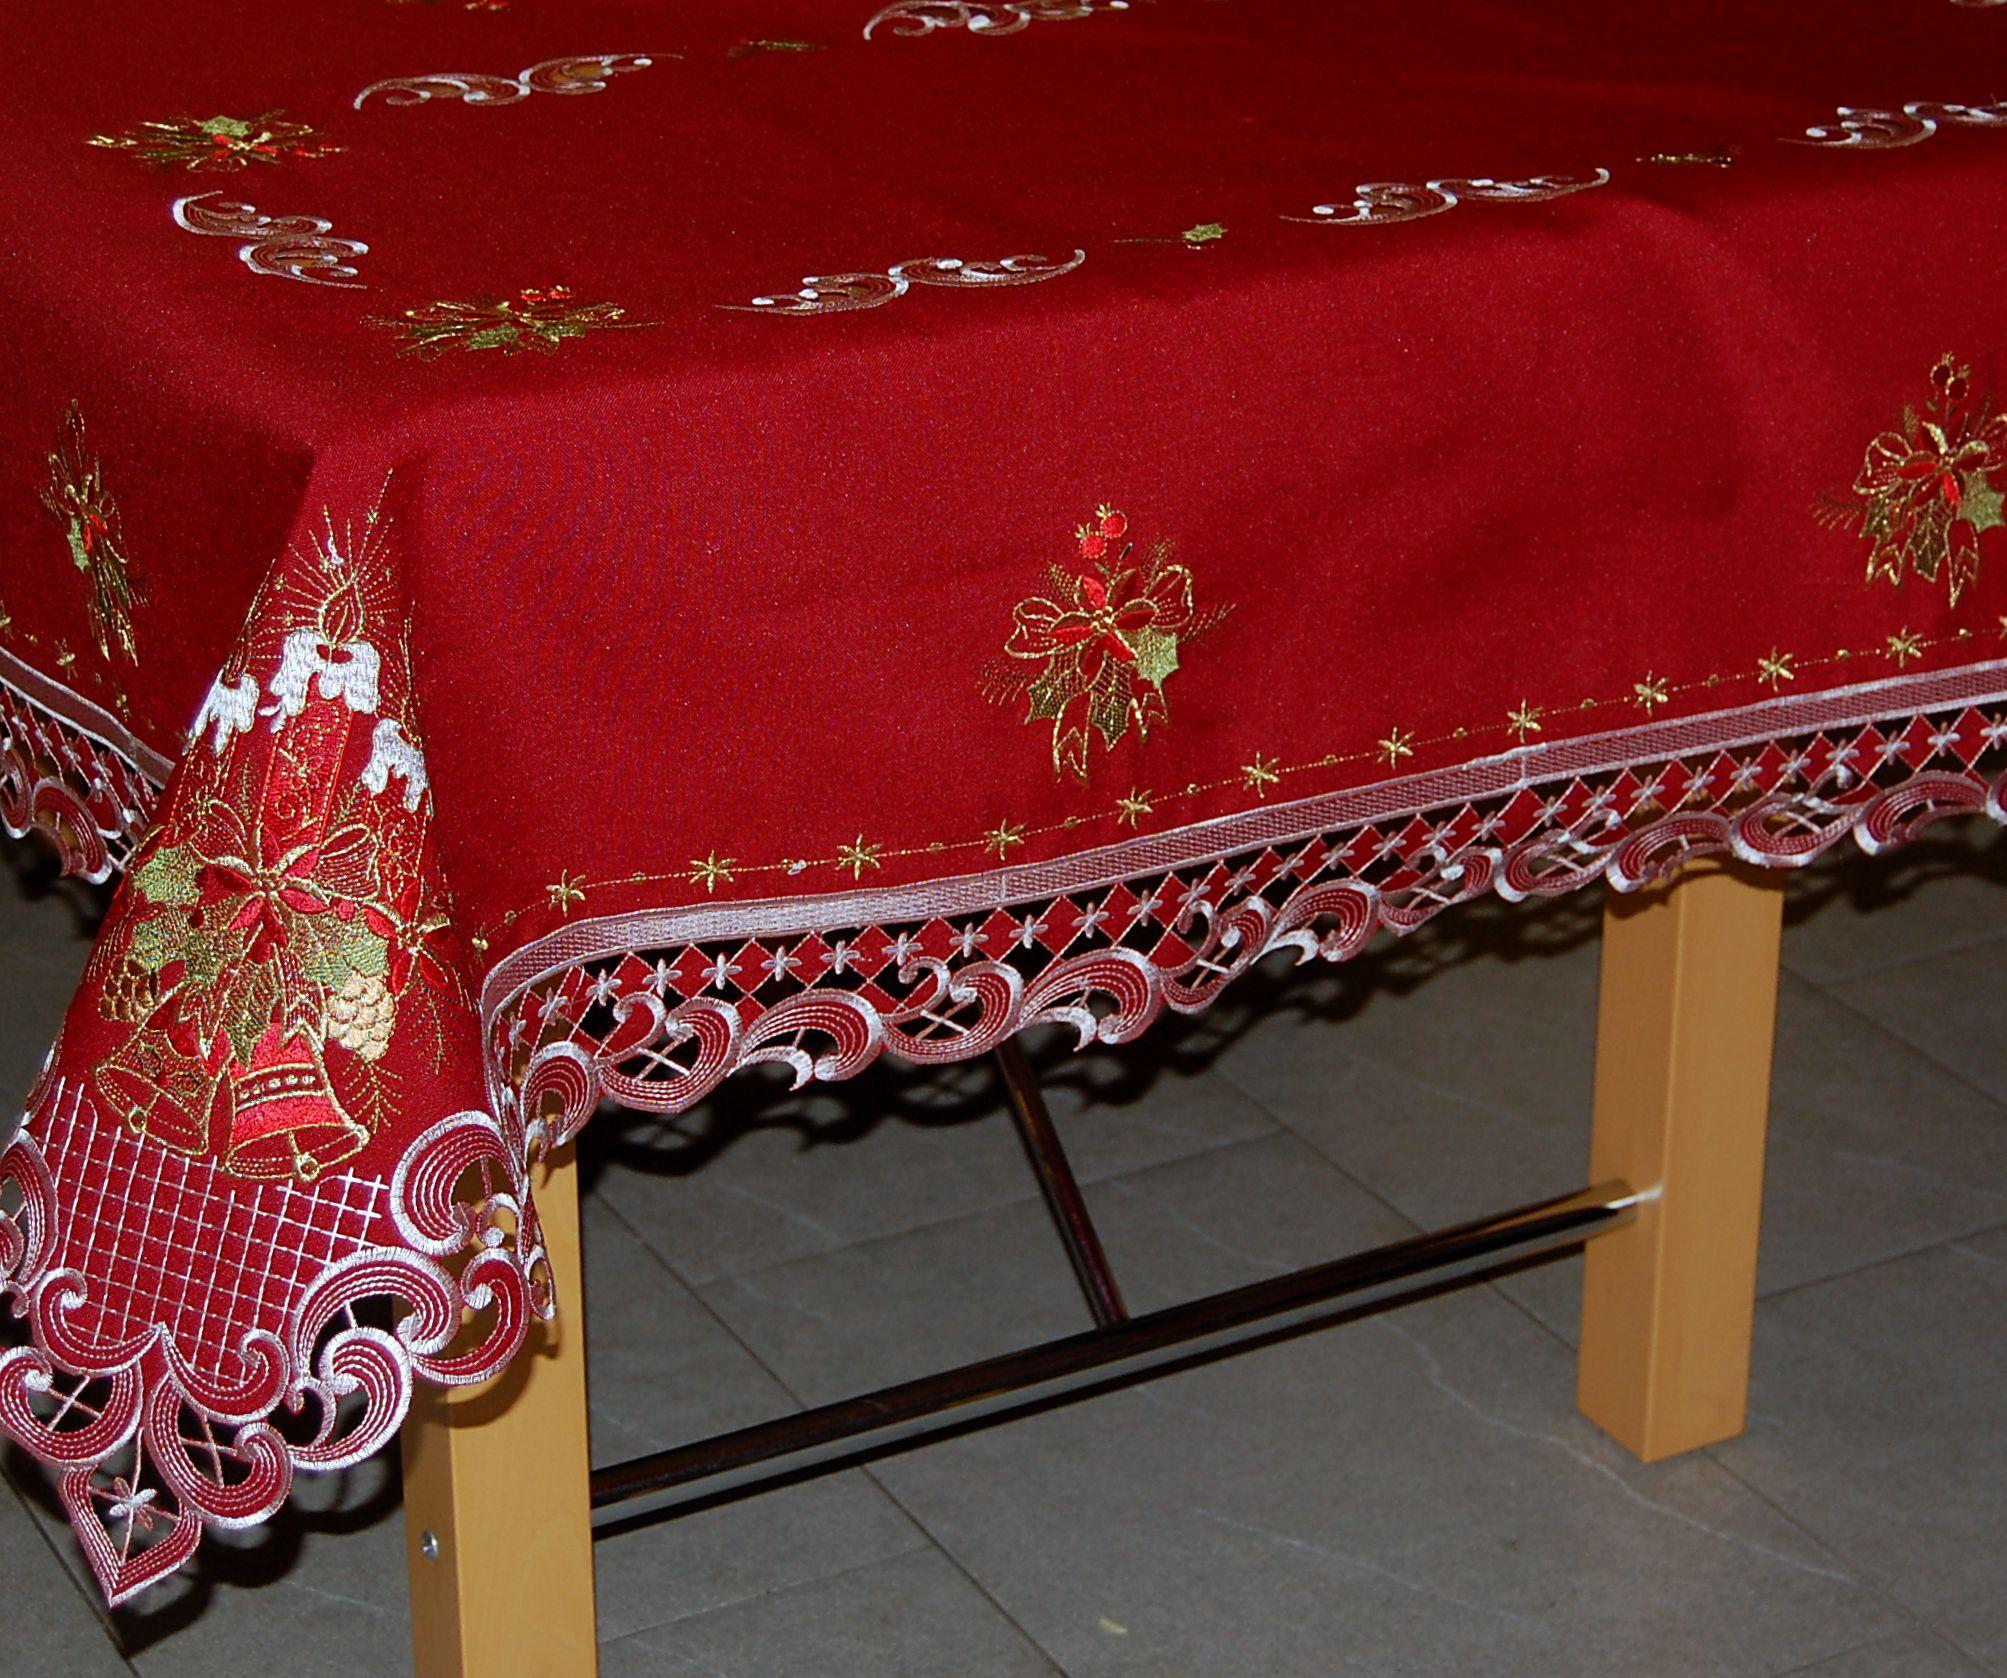 tischdecke weihnachten weinrot 3 kerzen rot gold tischl ufer tischtuch kissen ebay. Black Bedroom Furniture Sets. Home Design Ideas